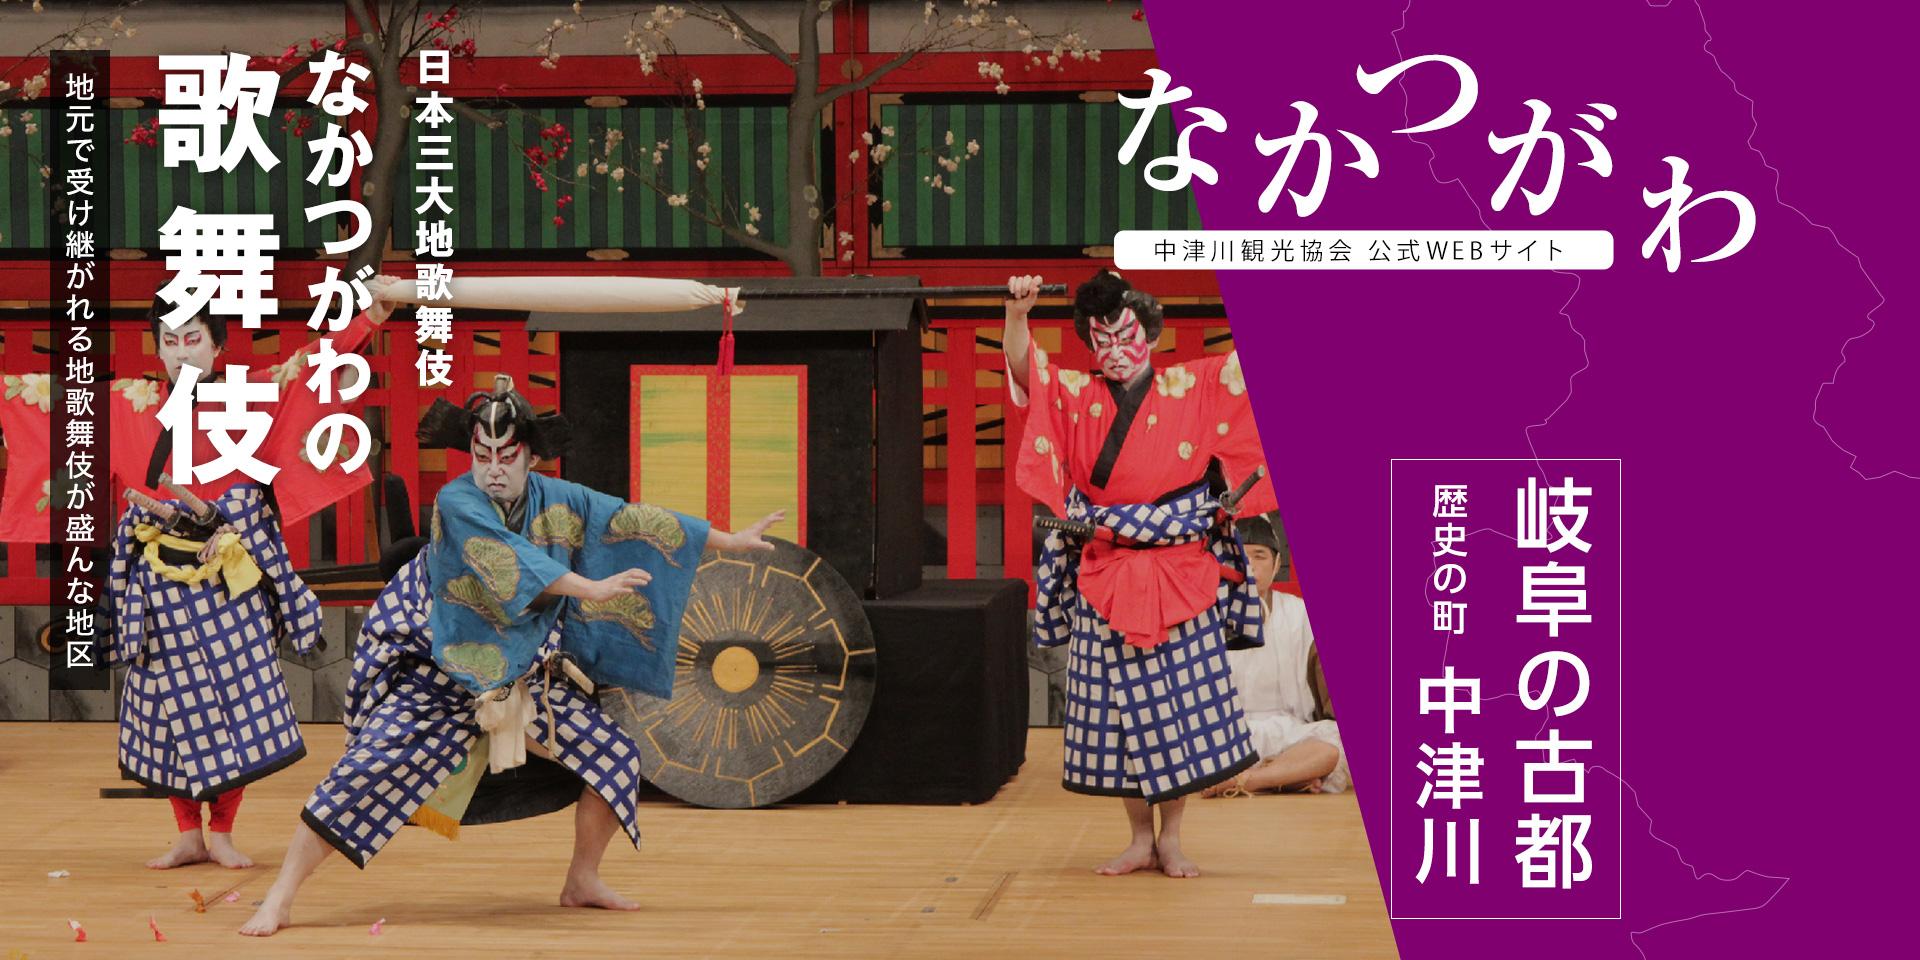 日本三大地歌舞伎なかつがわの歌舞伎